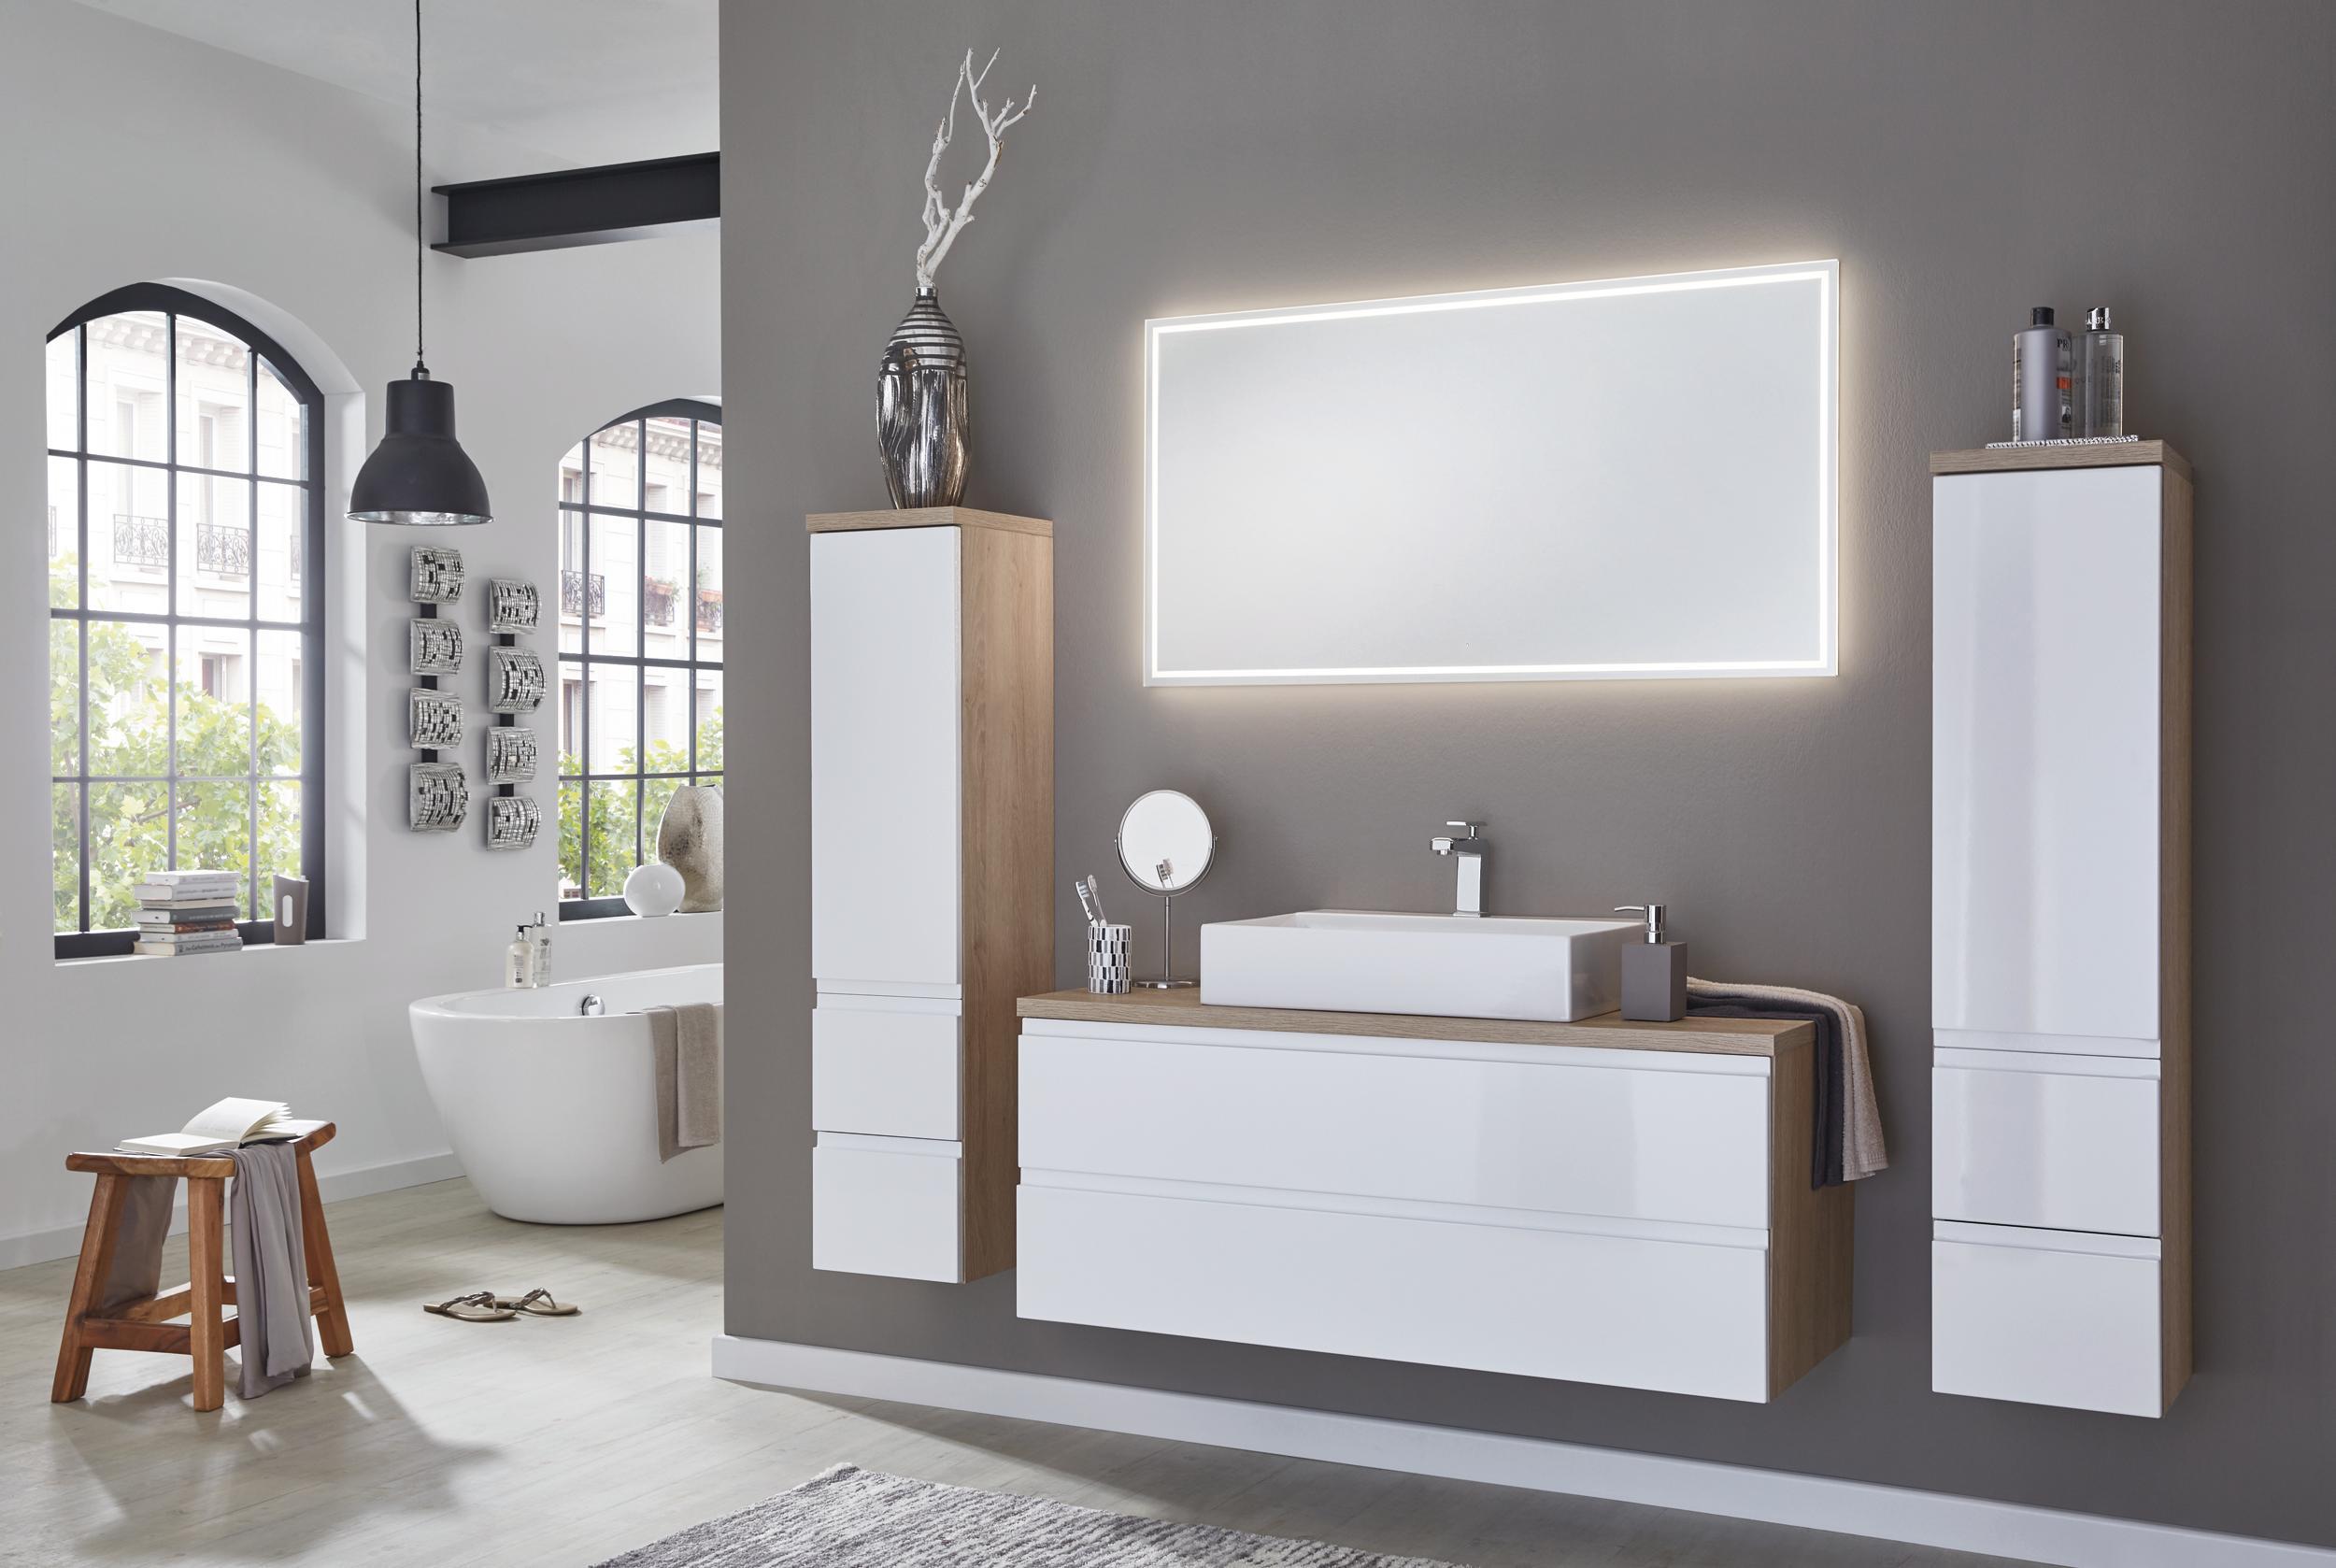 aufsatz waschbecken bilder ideen couchstyle. Black Bedroom Furniture Sets. Home Design Ideas